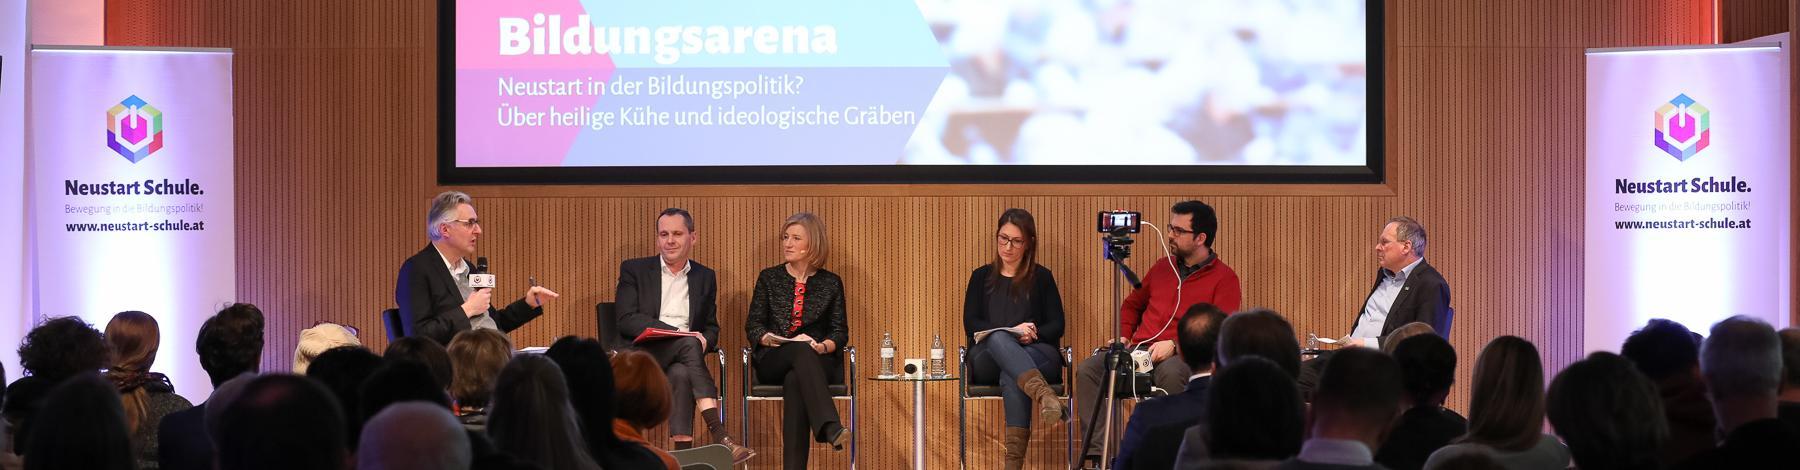 """Bildungsarena """"Neustart in der Bildungspolitik? Über heilige Kühe und ideologische Gräben"""""""